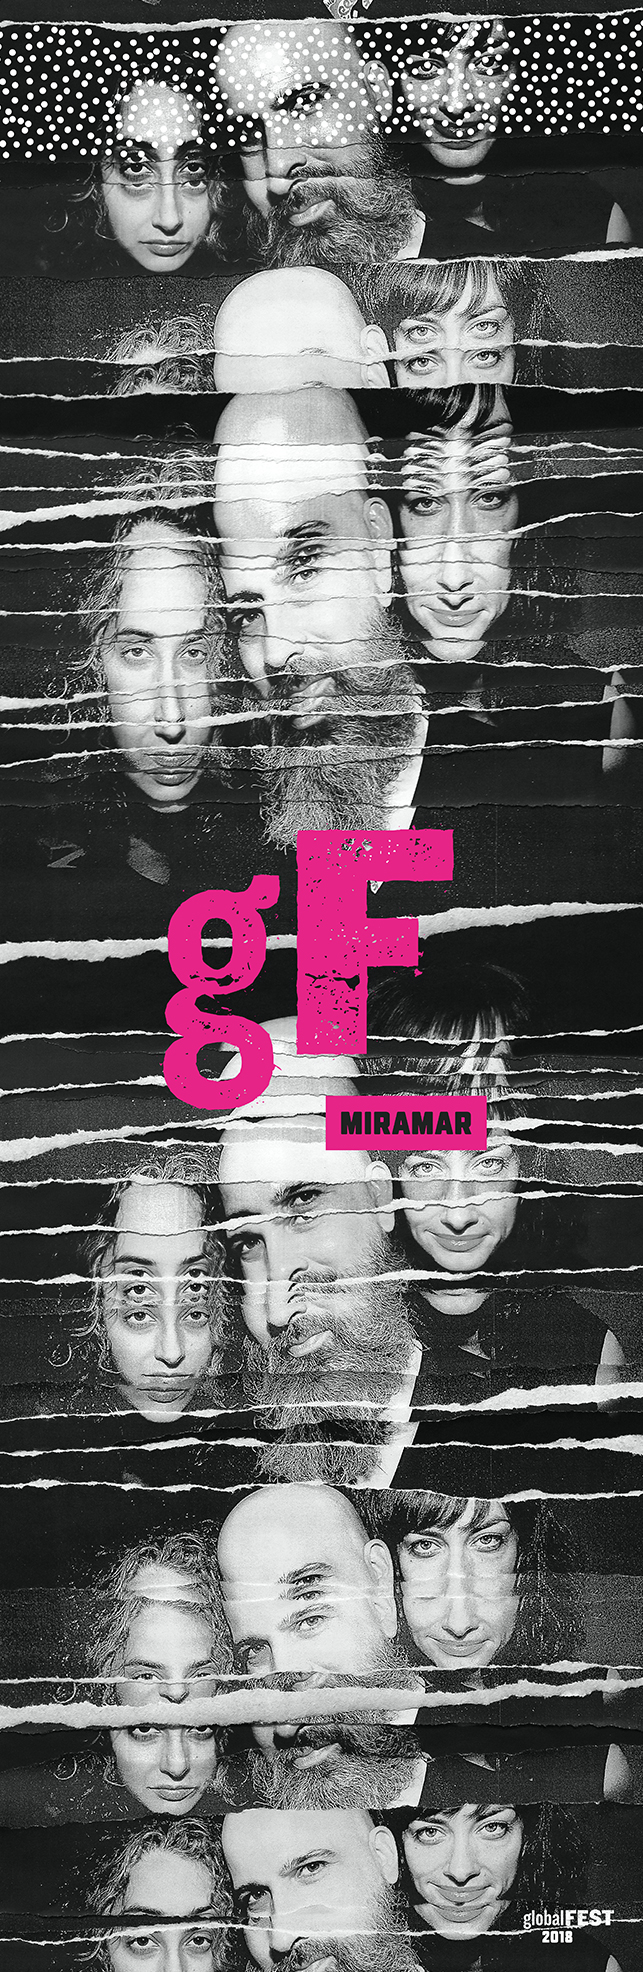 diogomontes_globalfest_artist_posters-miramar